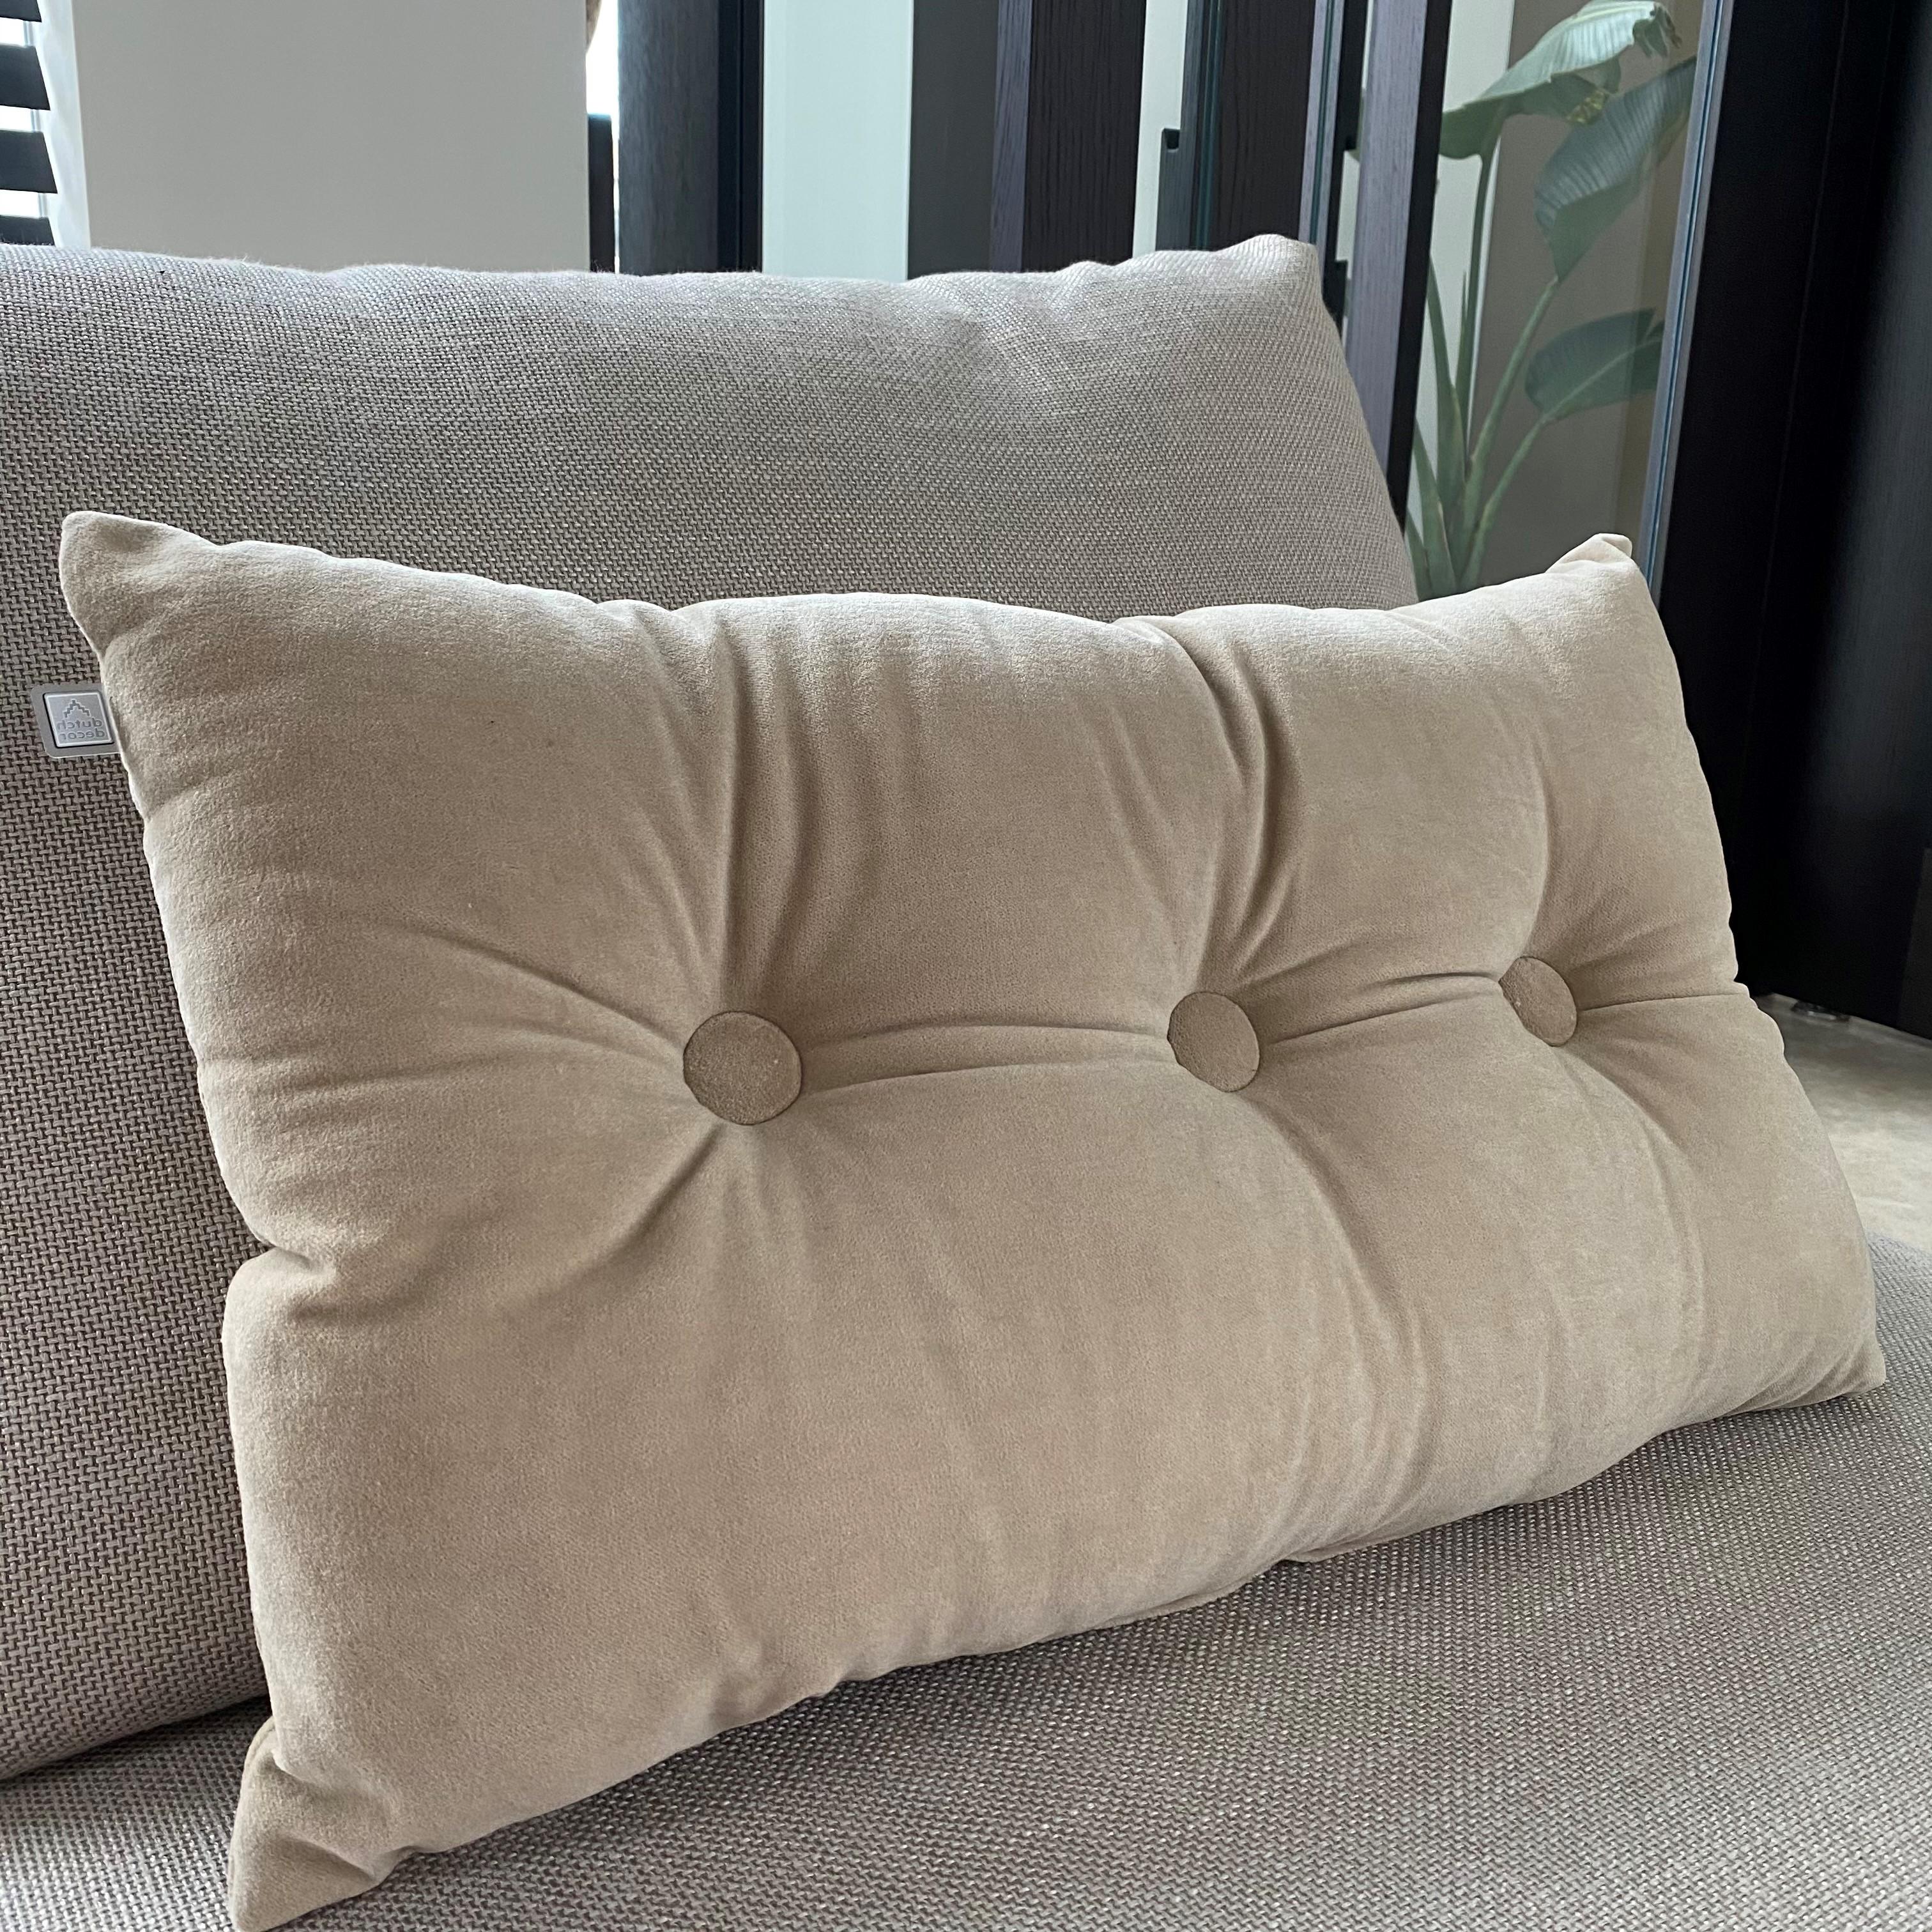 VALERIE - Sierkussen velvet Pumice Stone 40x60 cm